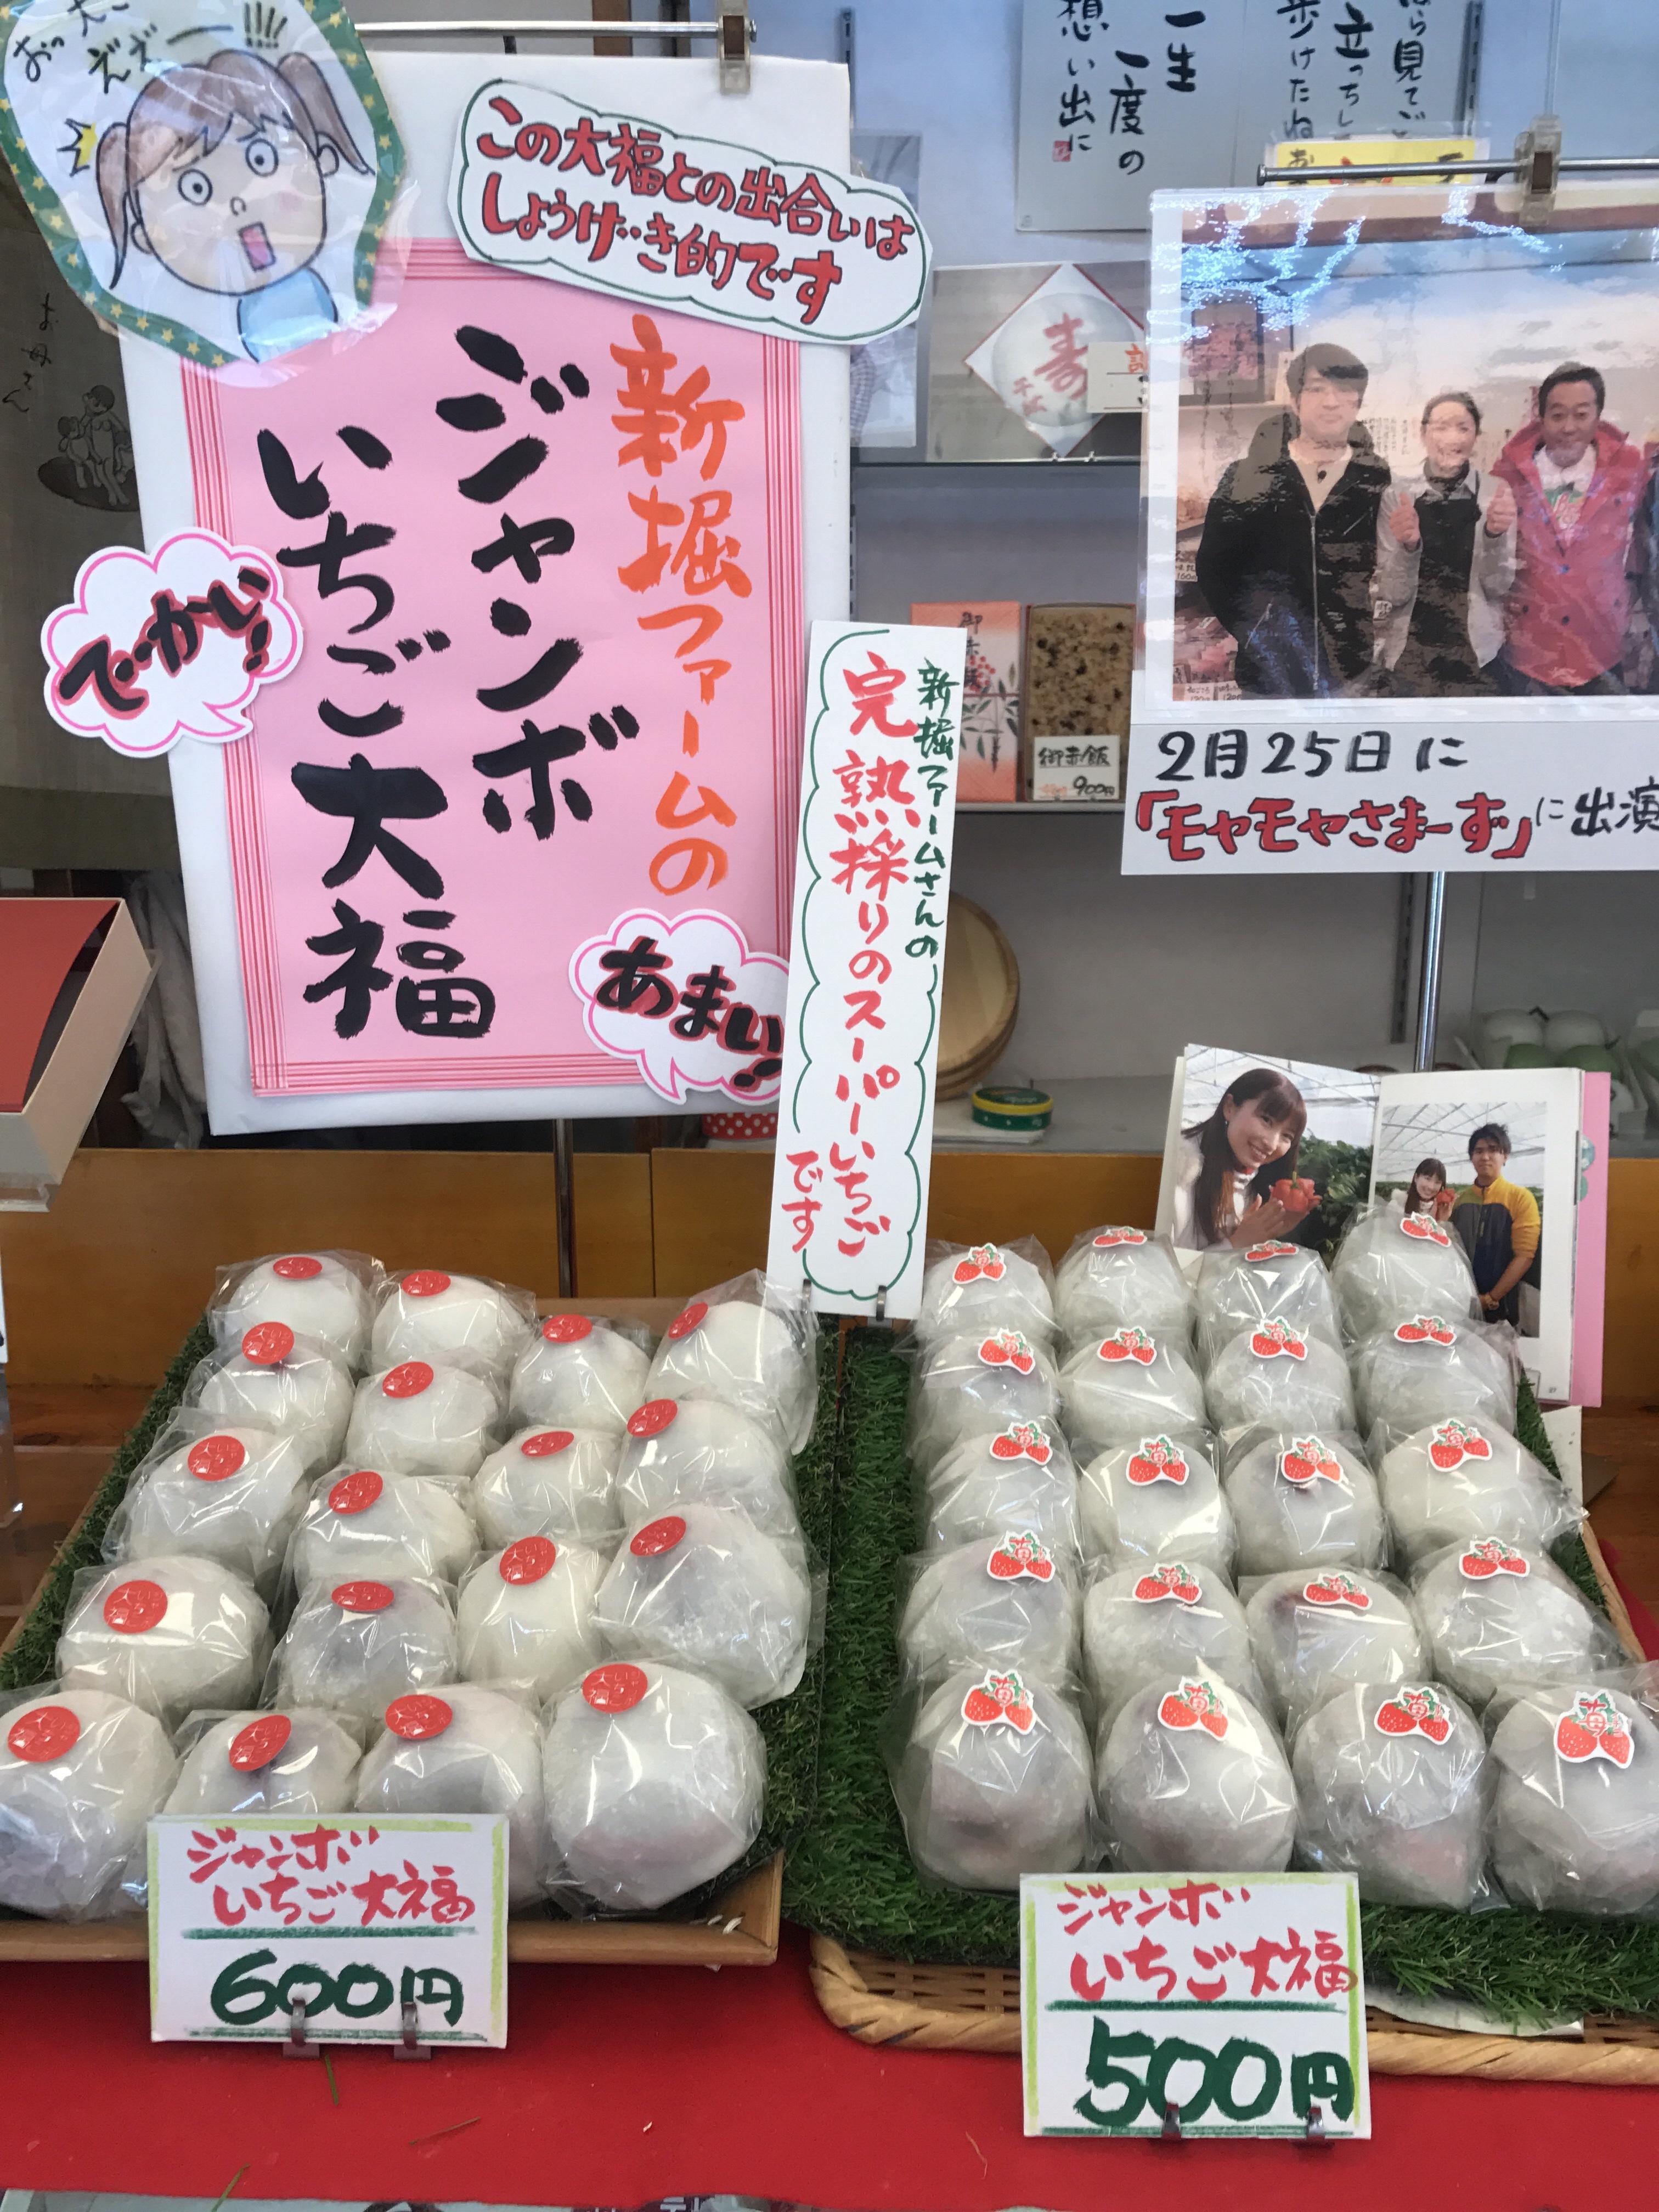 新岩城のジャンボいちご大福